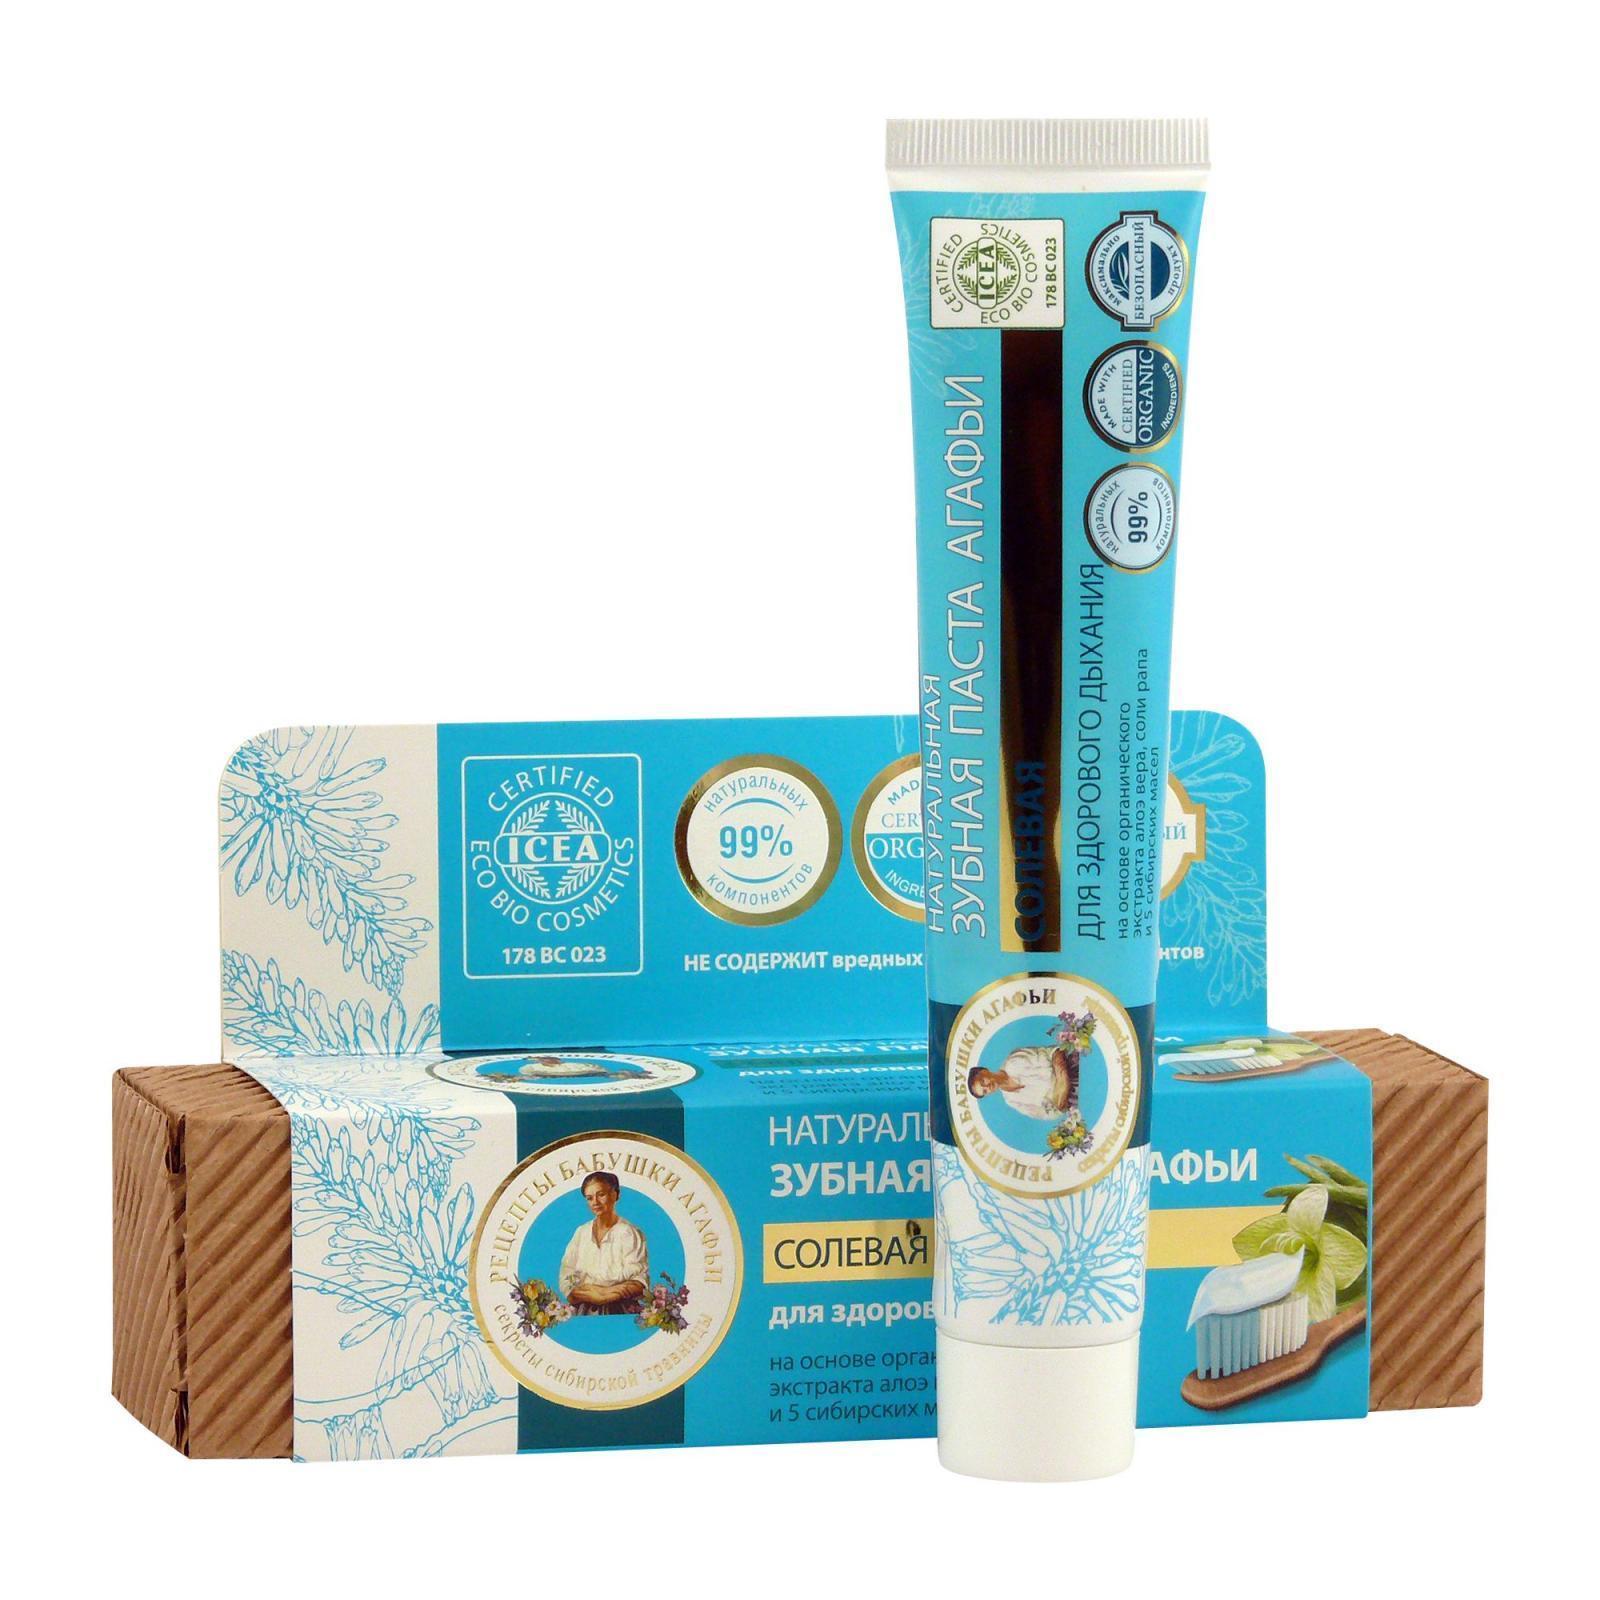 ostatní Zubní pasta se solí rapa pro svěží dech 75 ml